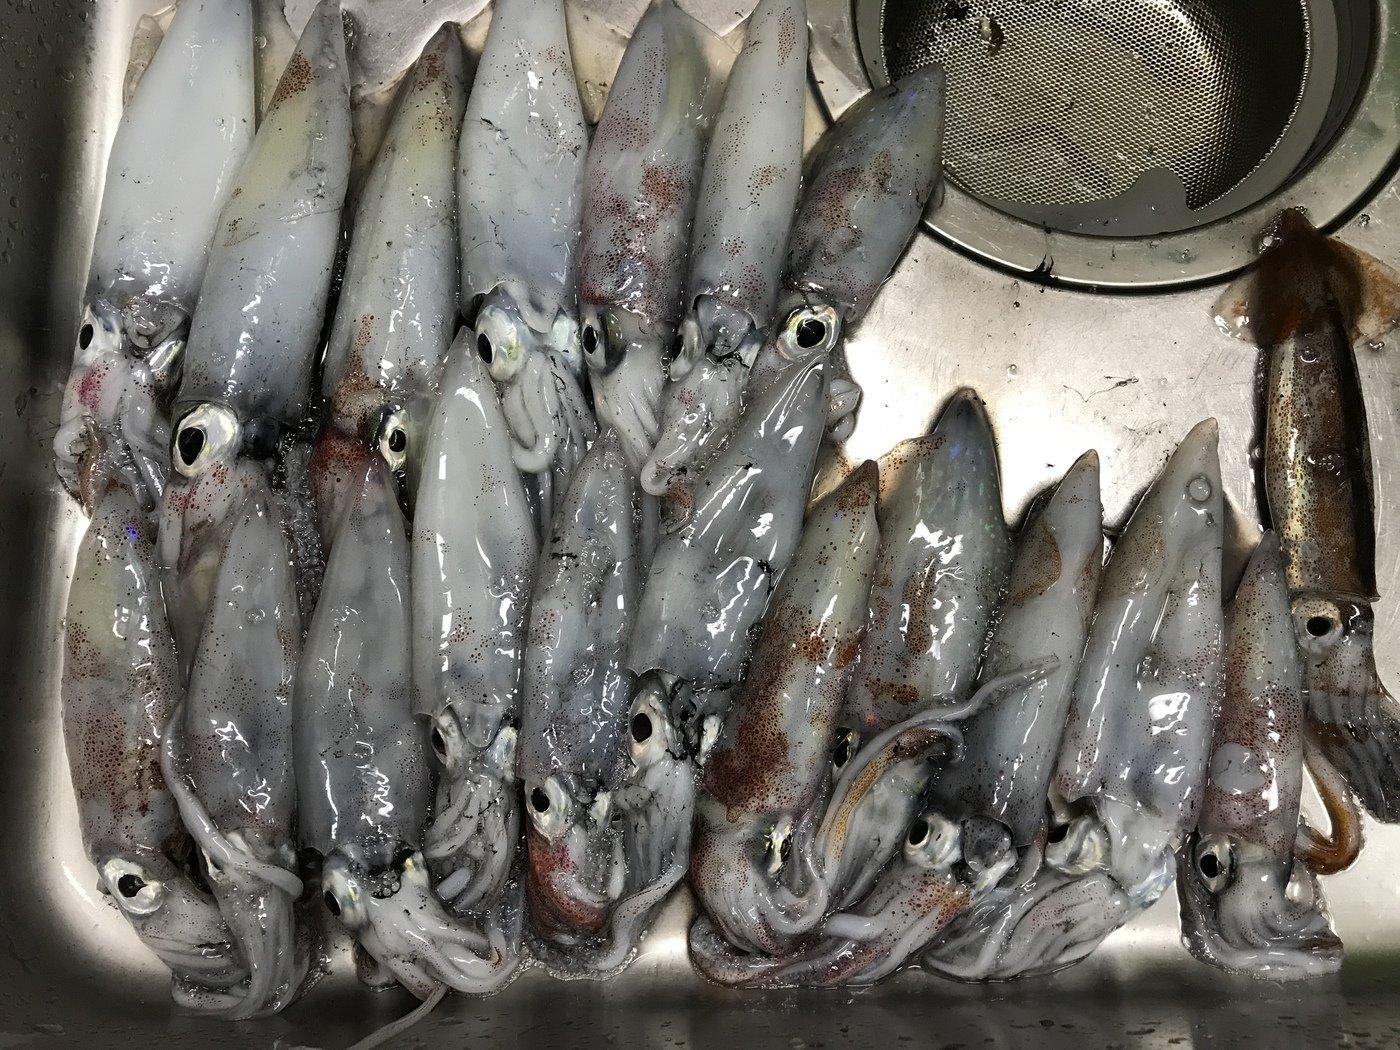 K.sumi@nuko4541さんの投稿画像,写っている魚はケンサキイカ,スルメイカ